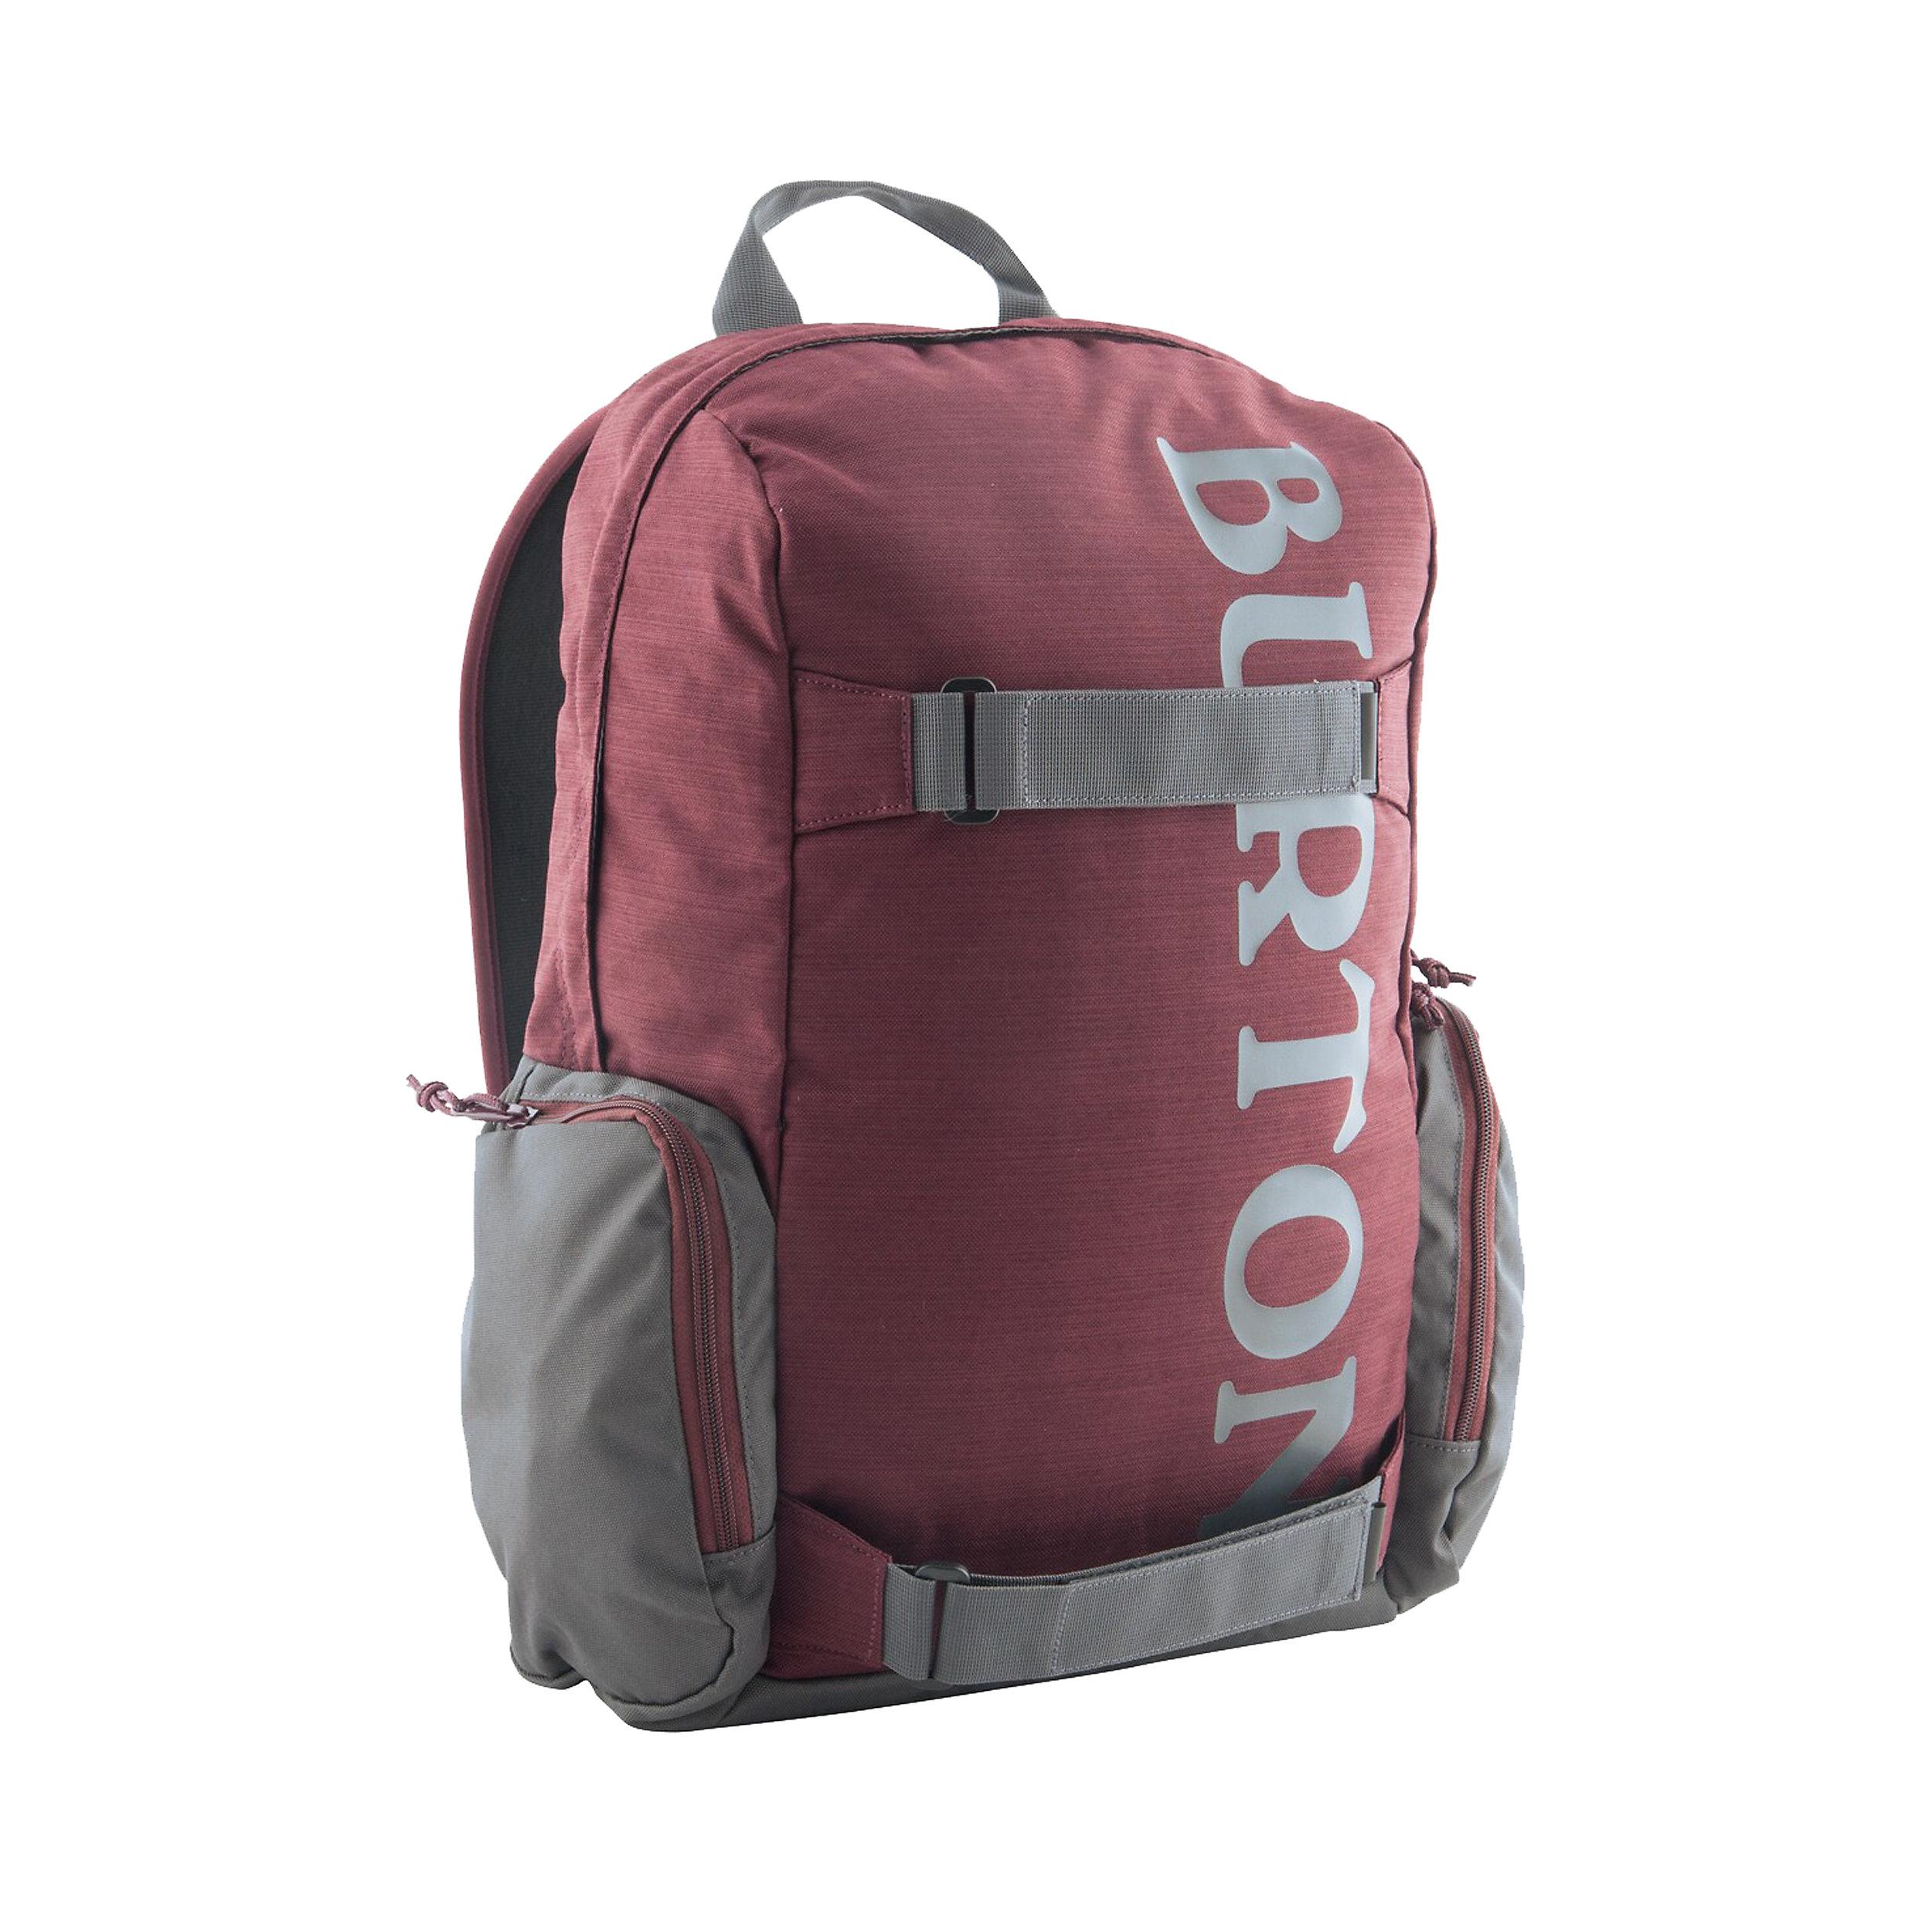 Backpack Emphasis L 26 Liter